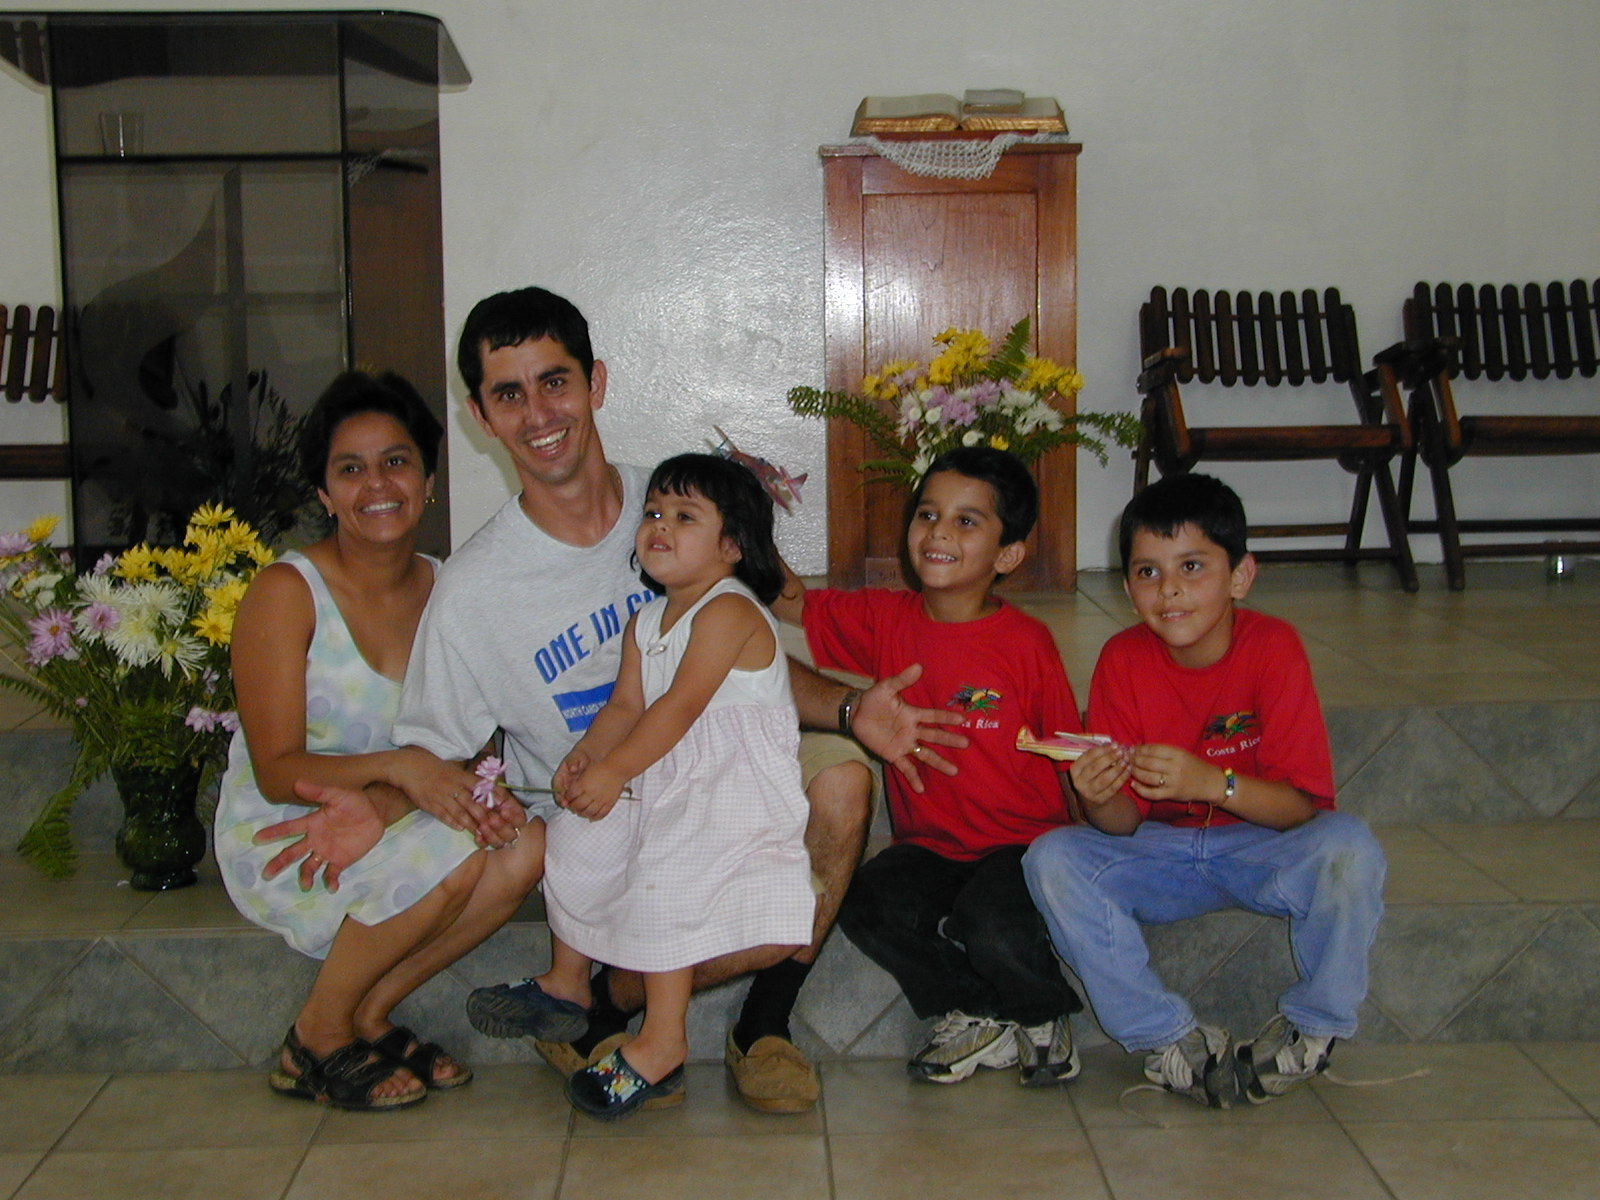 Duglas Family.JPG